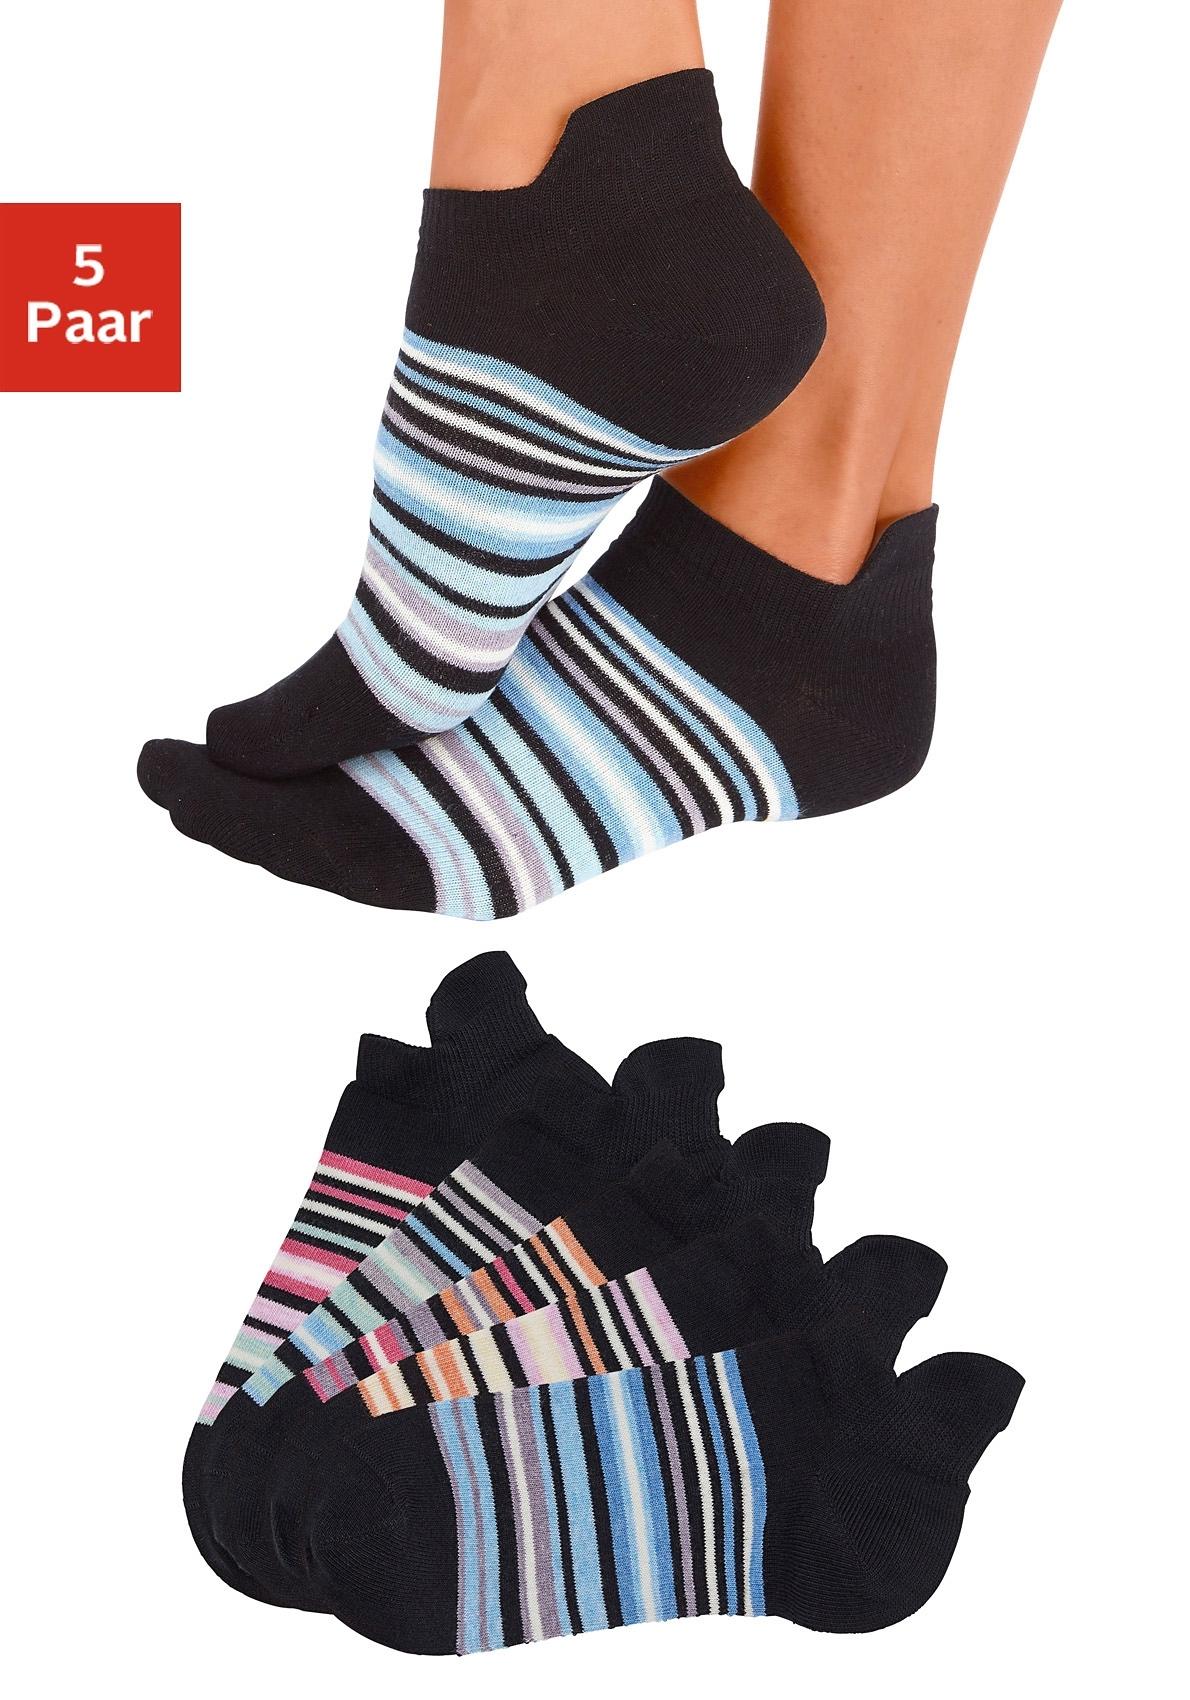 ARIZONA Sneakersokken in set van 5 paar goedkoop op lascana.nl kopen